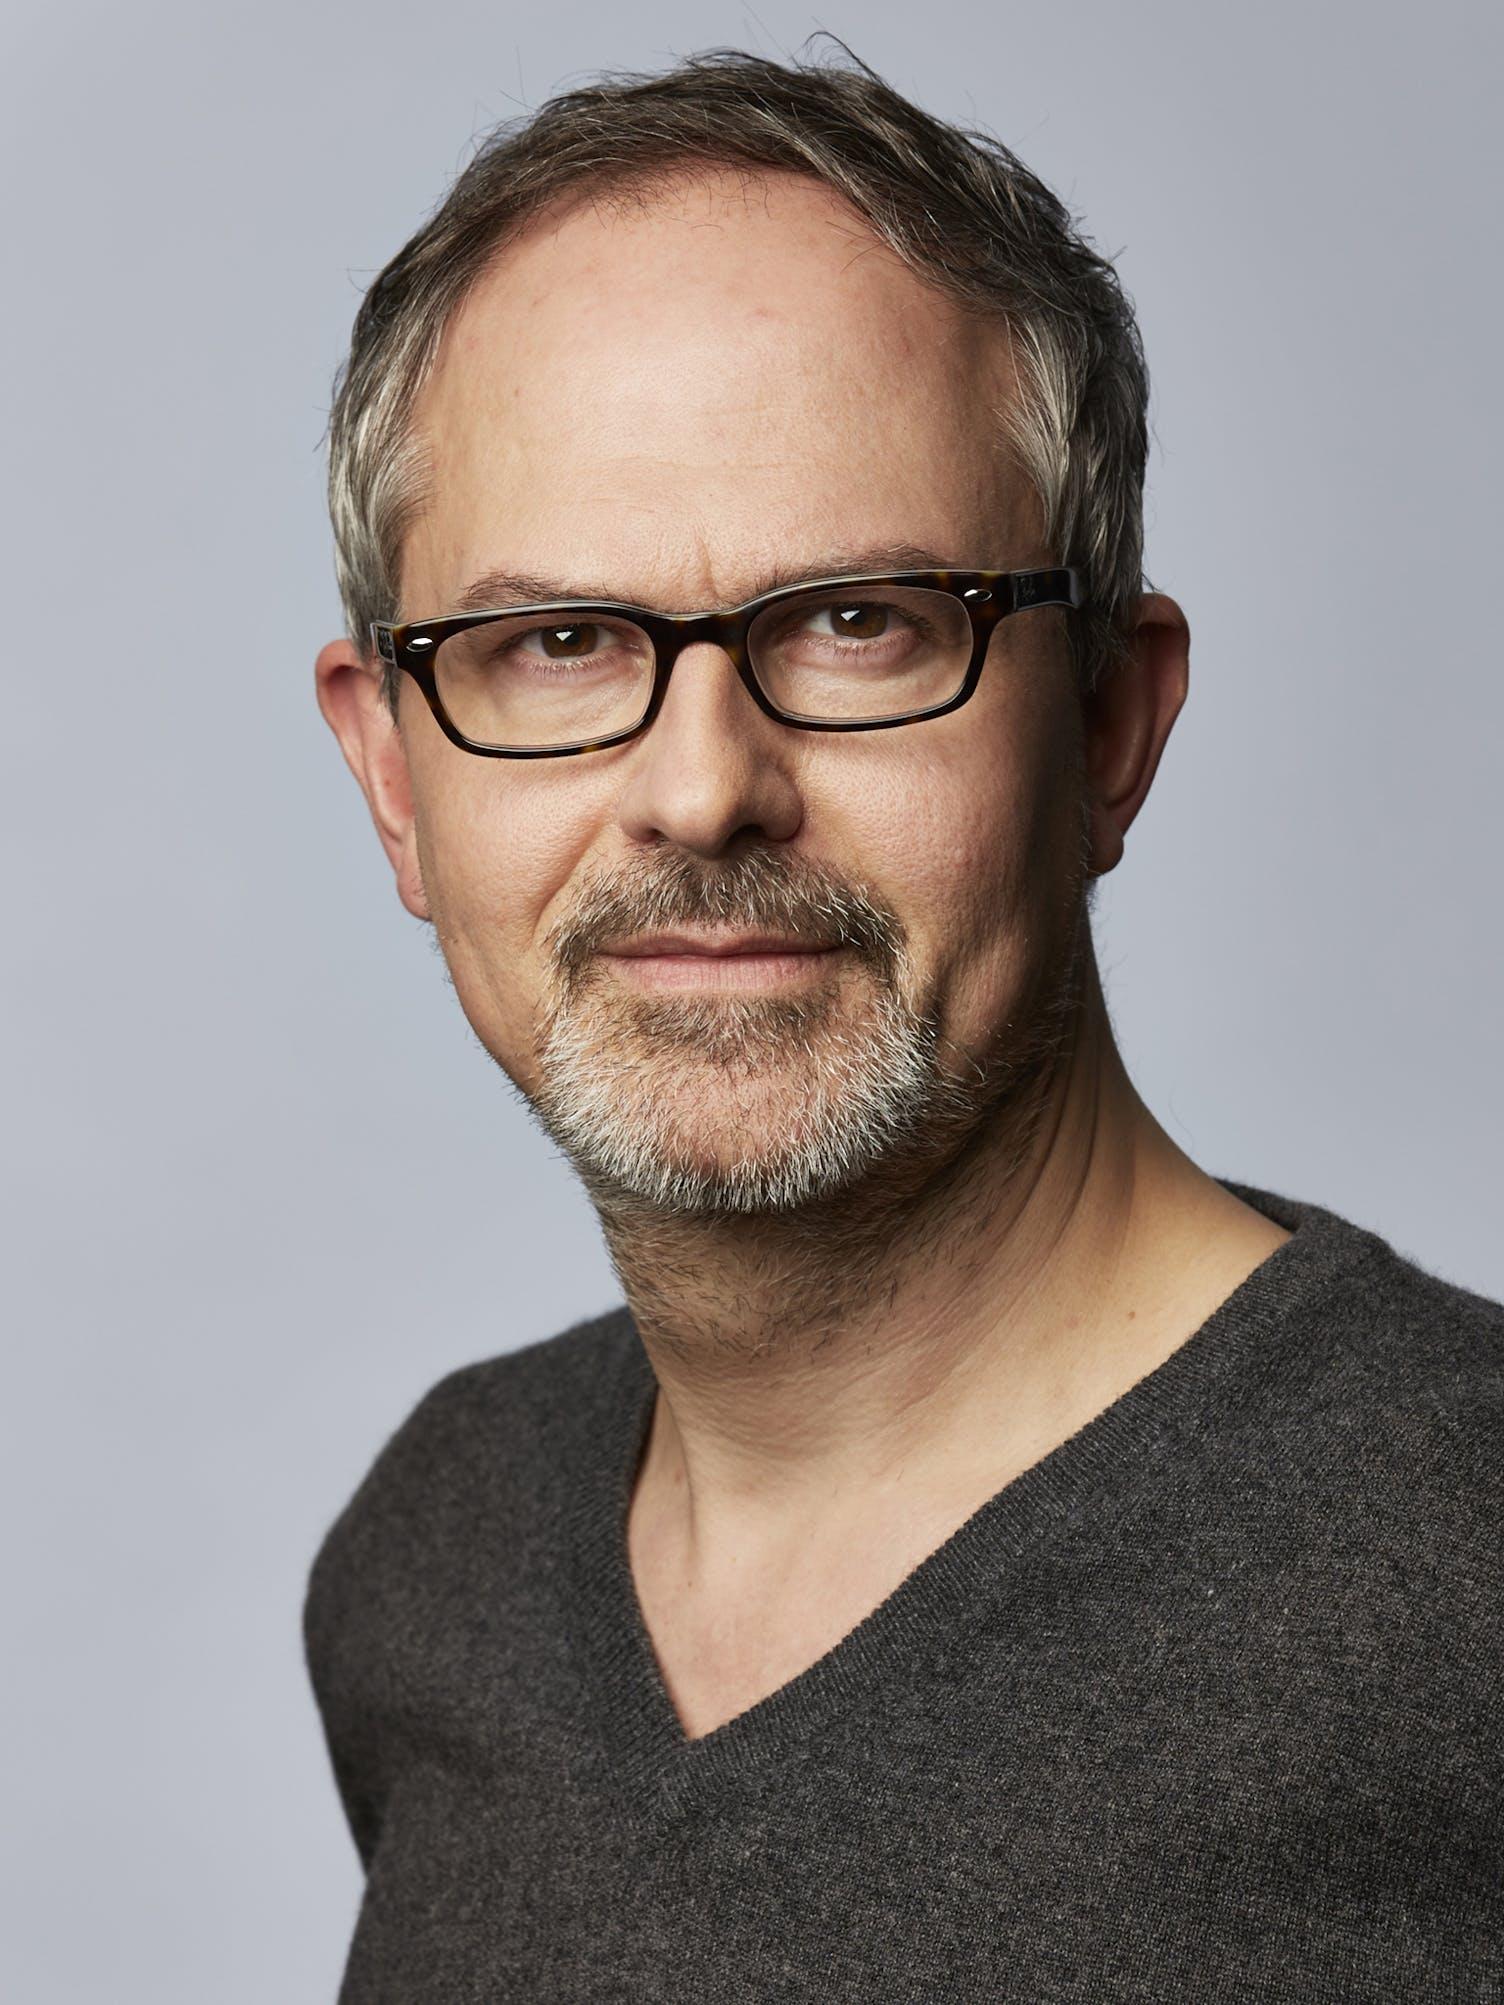 Gil Mehmert